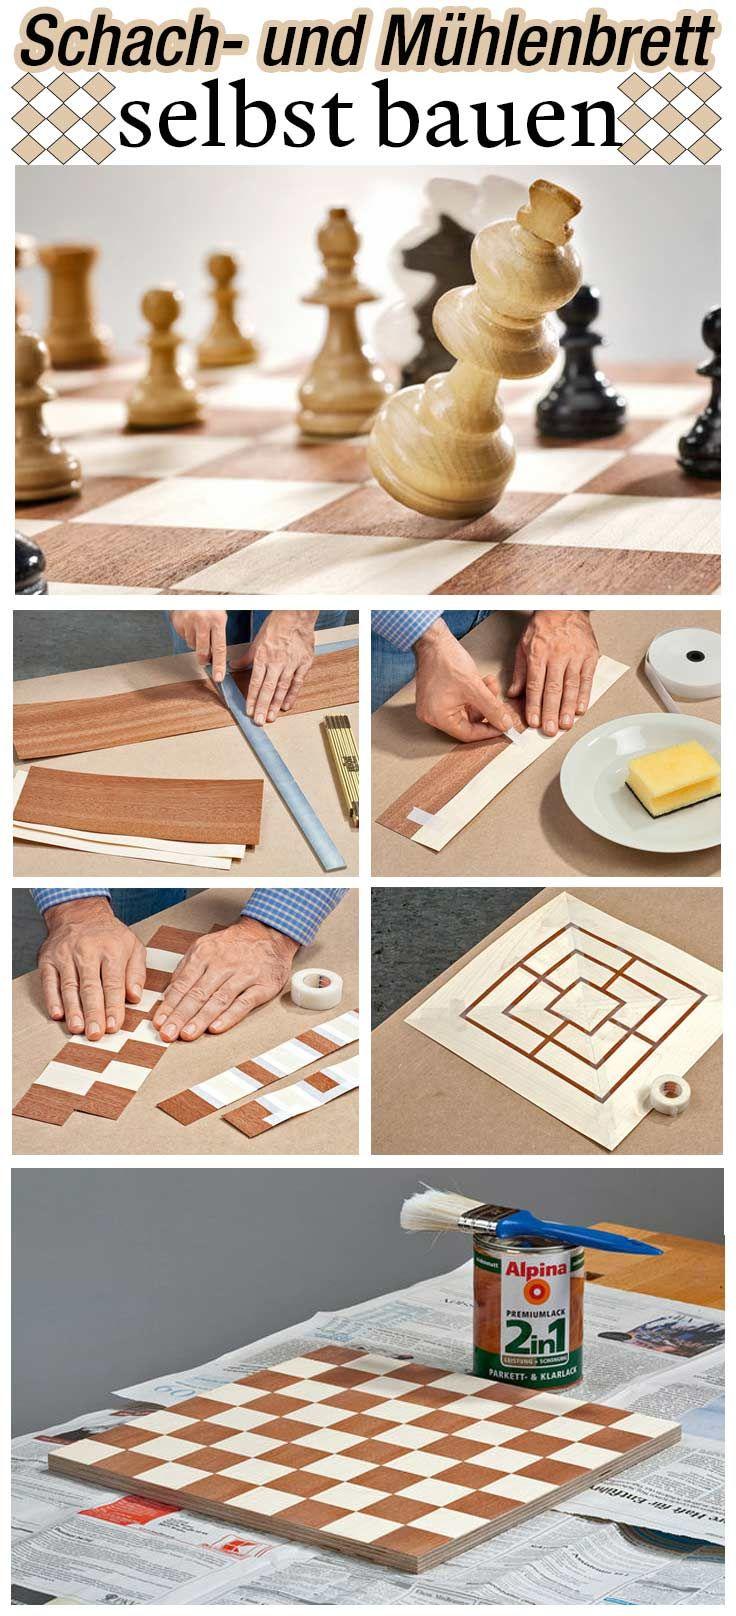 Schachbrett Selber Bauen Diy Brettspiel Selber Machen Schach